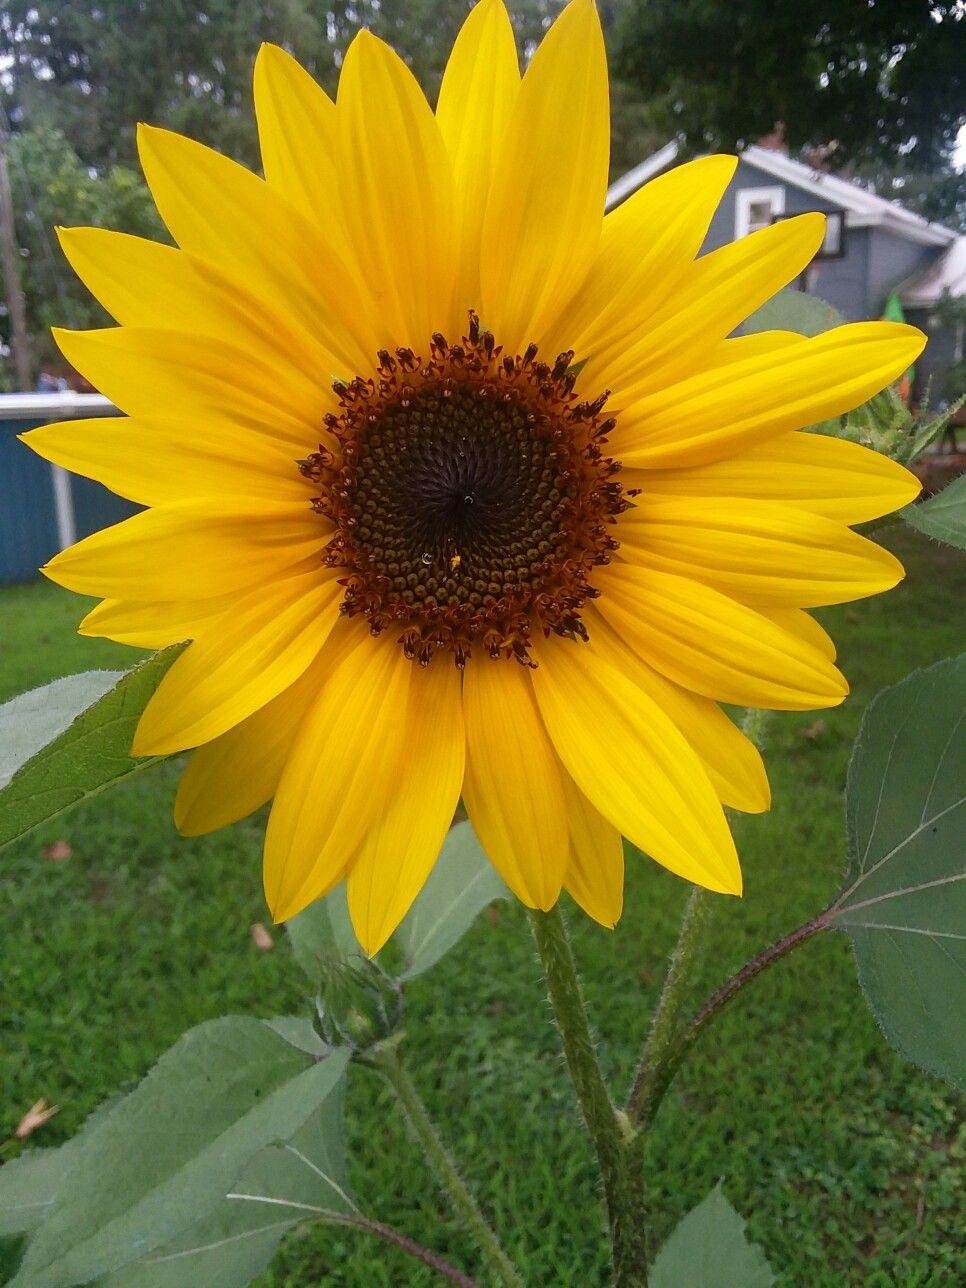 Solar Eclipse Sunflower sunflowers gardening